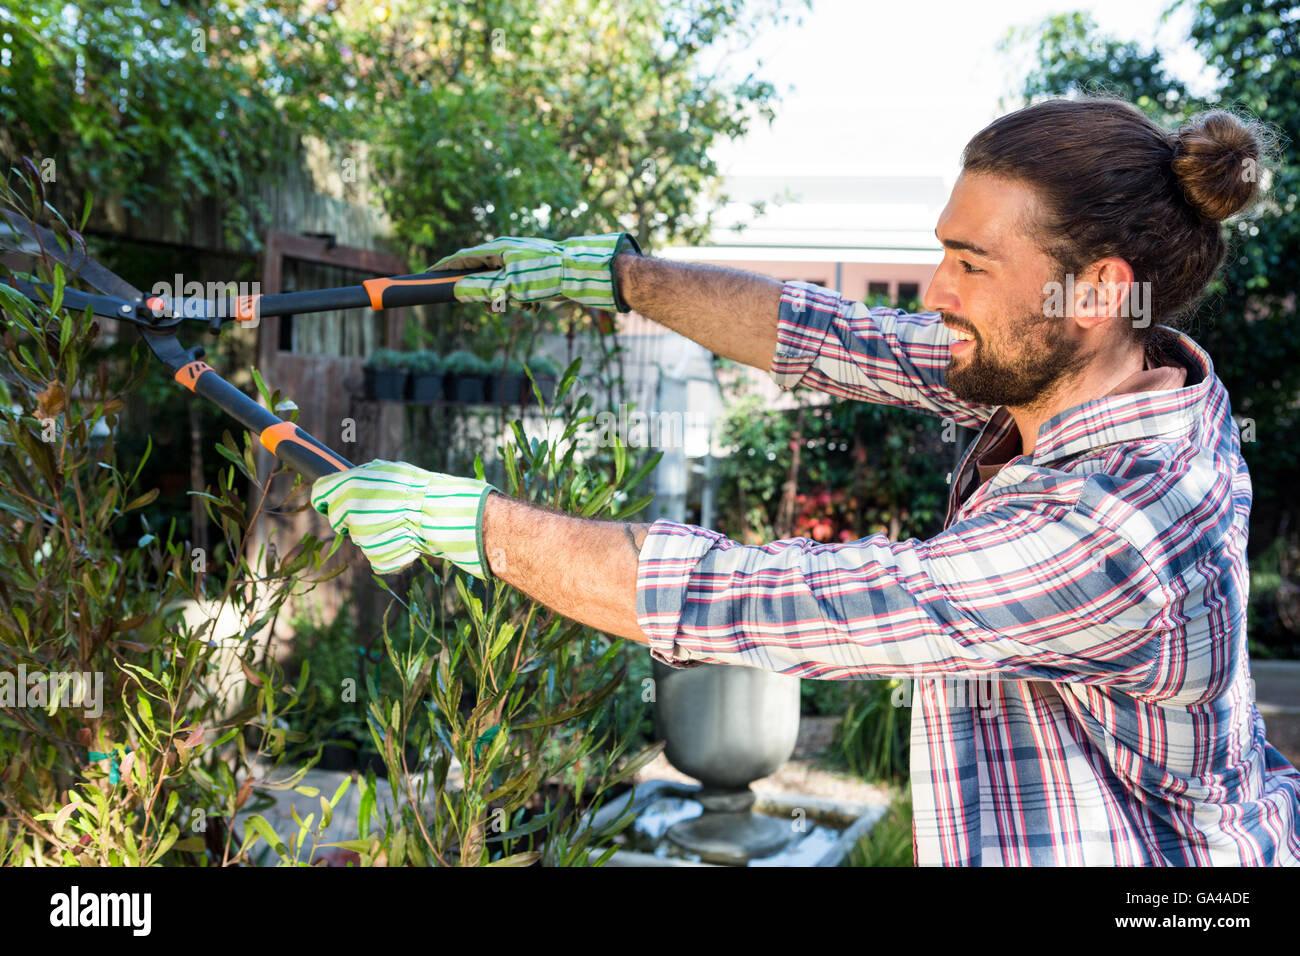 Heureux avec des haies coupe hipster clippers au jardin Photo Stock